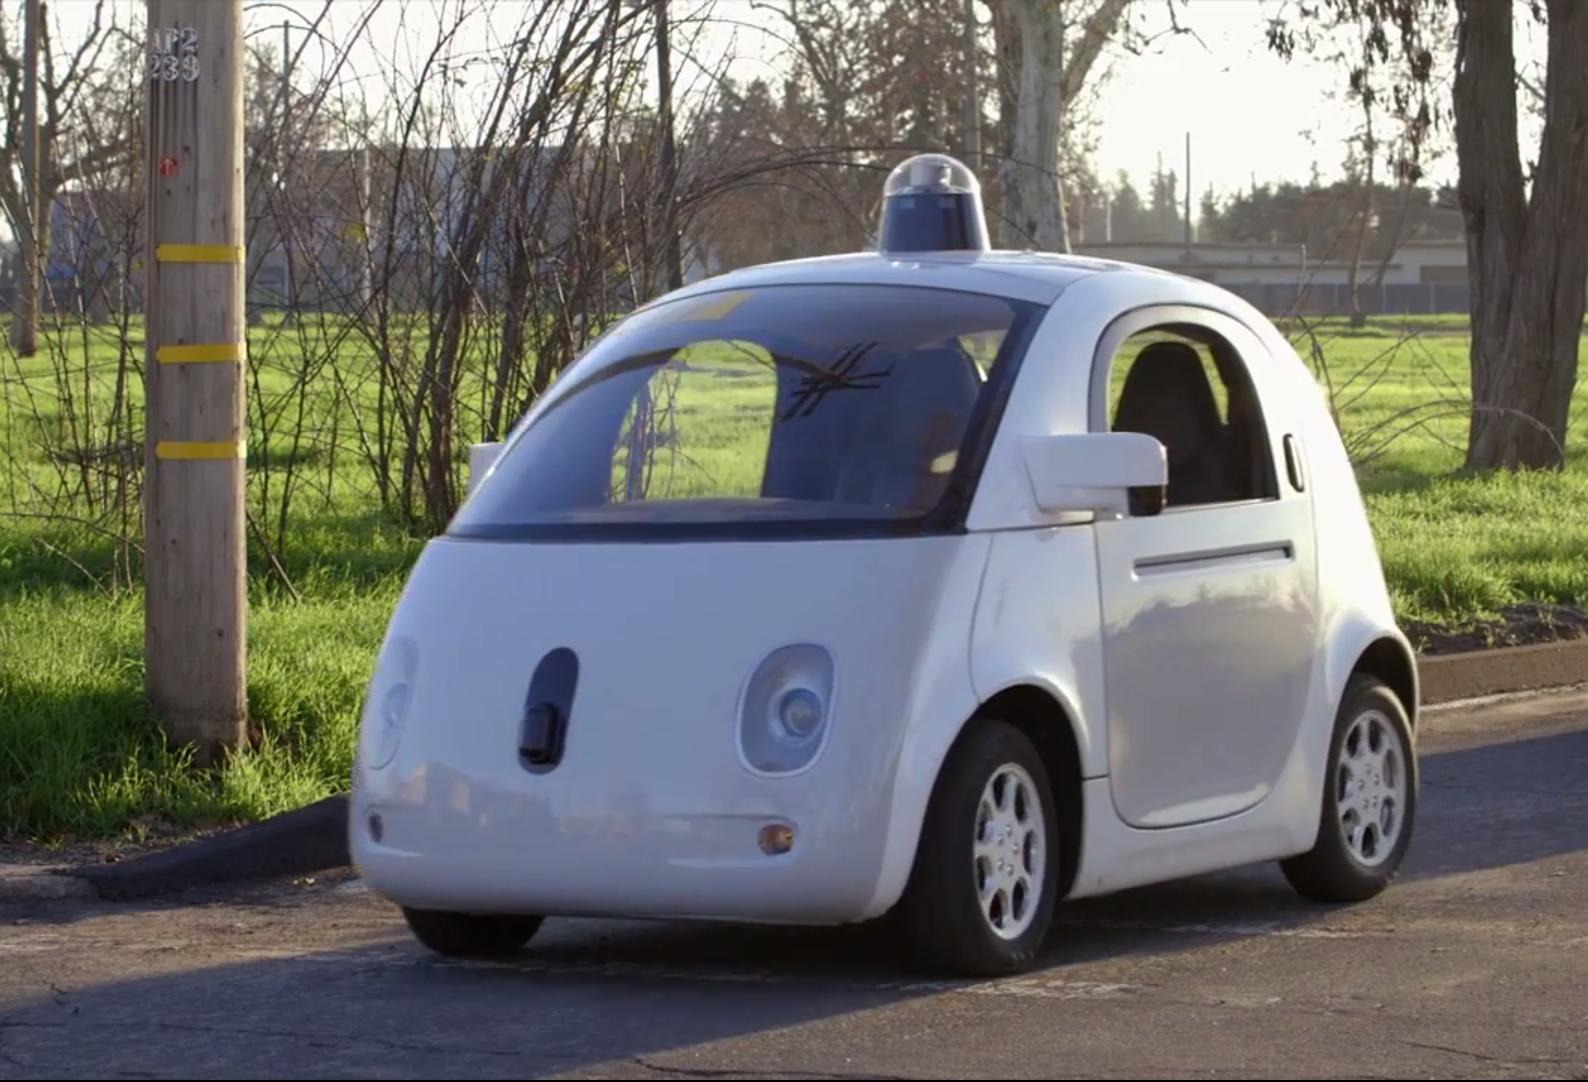 Carros autônomos são o futuro, mas muitas empresas estão resistentes